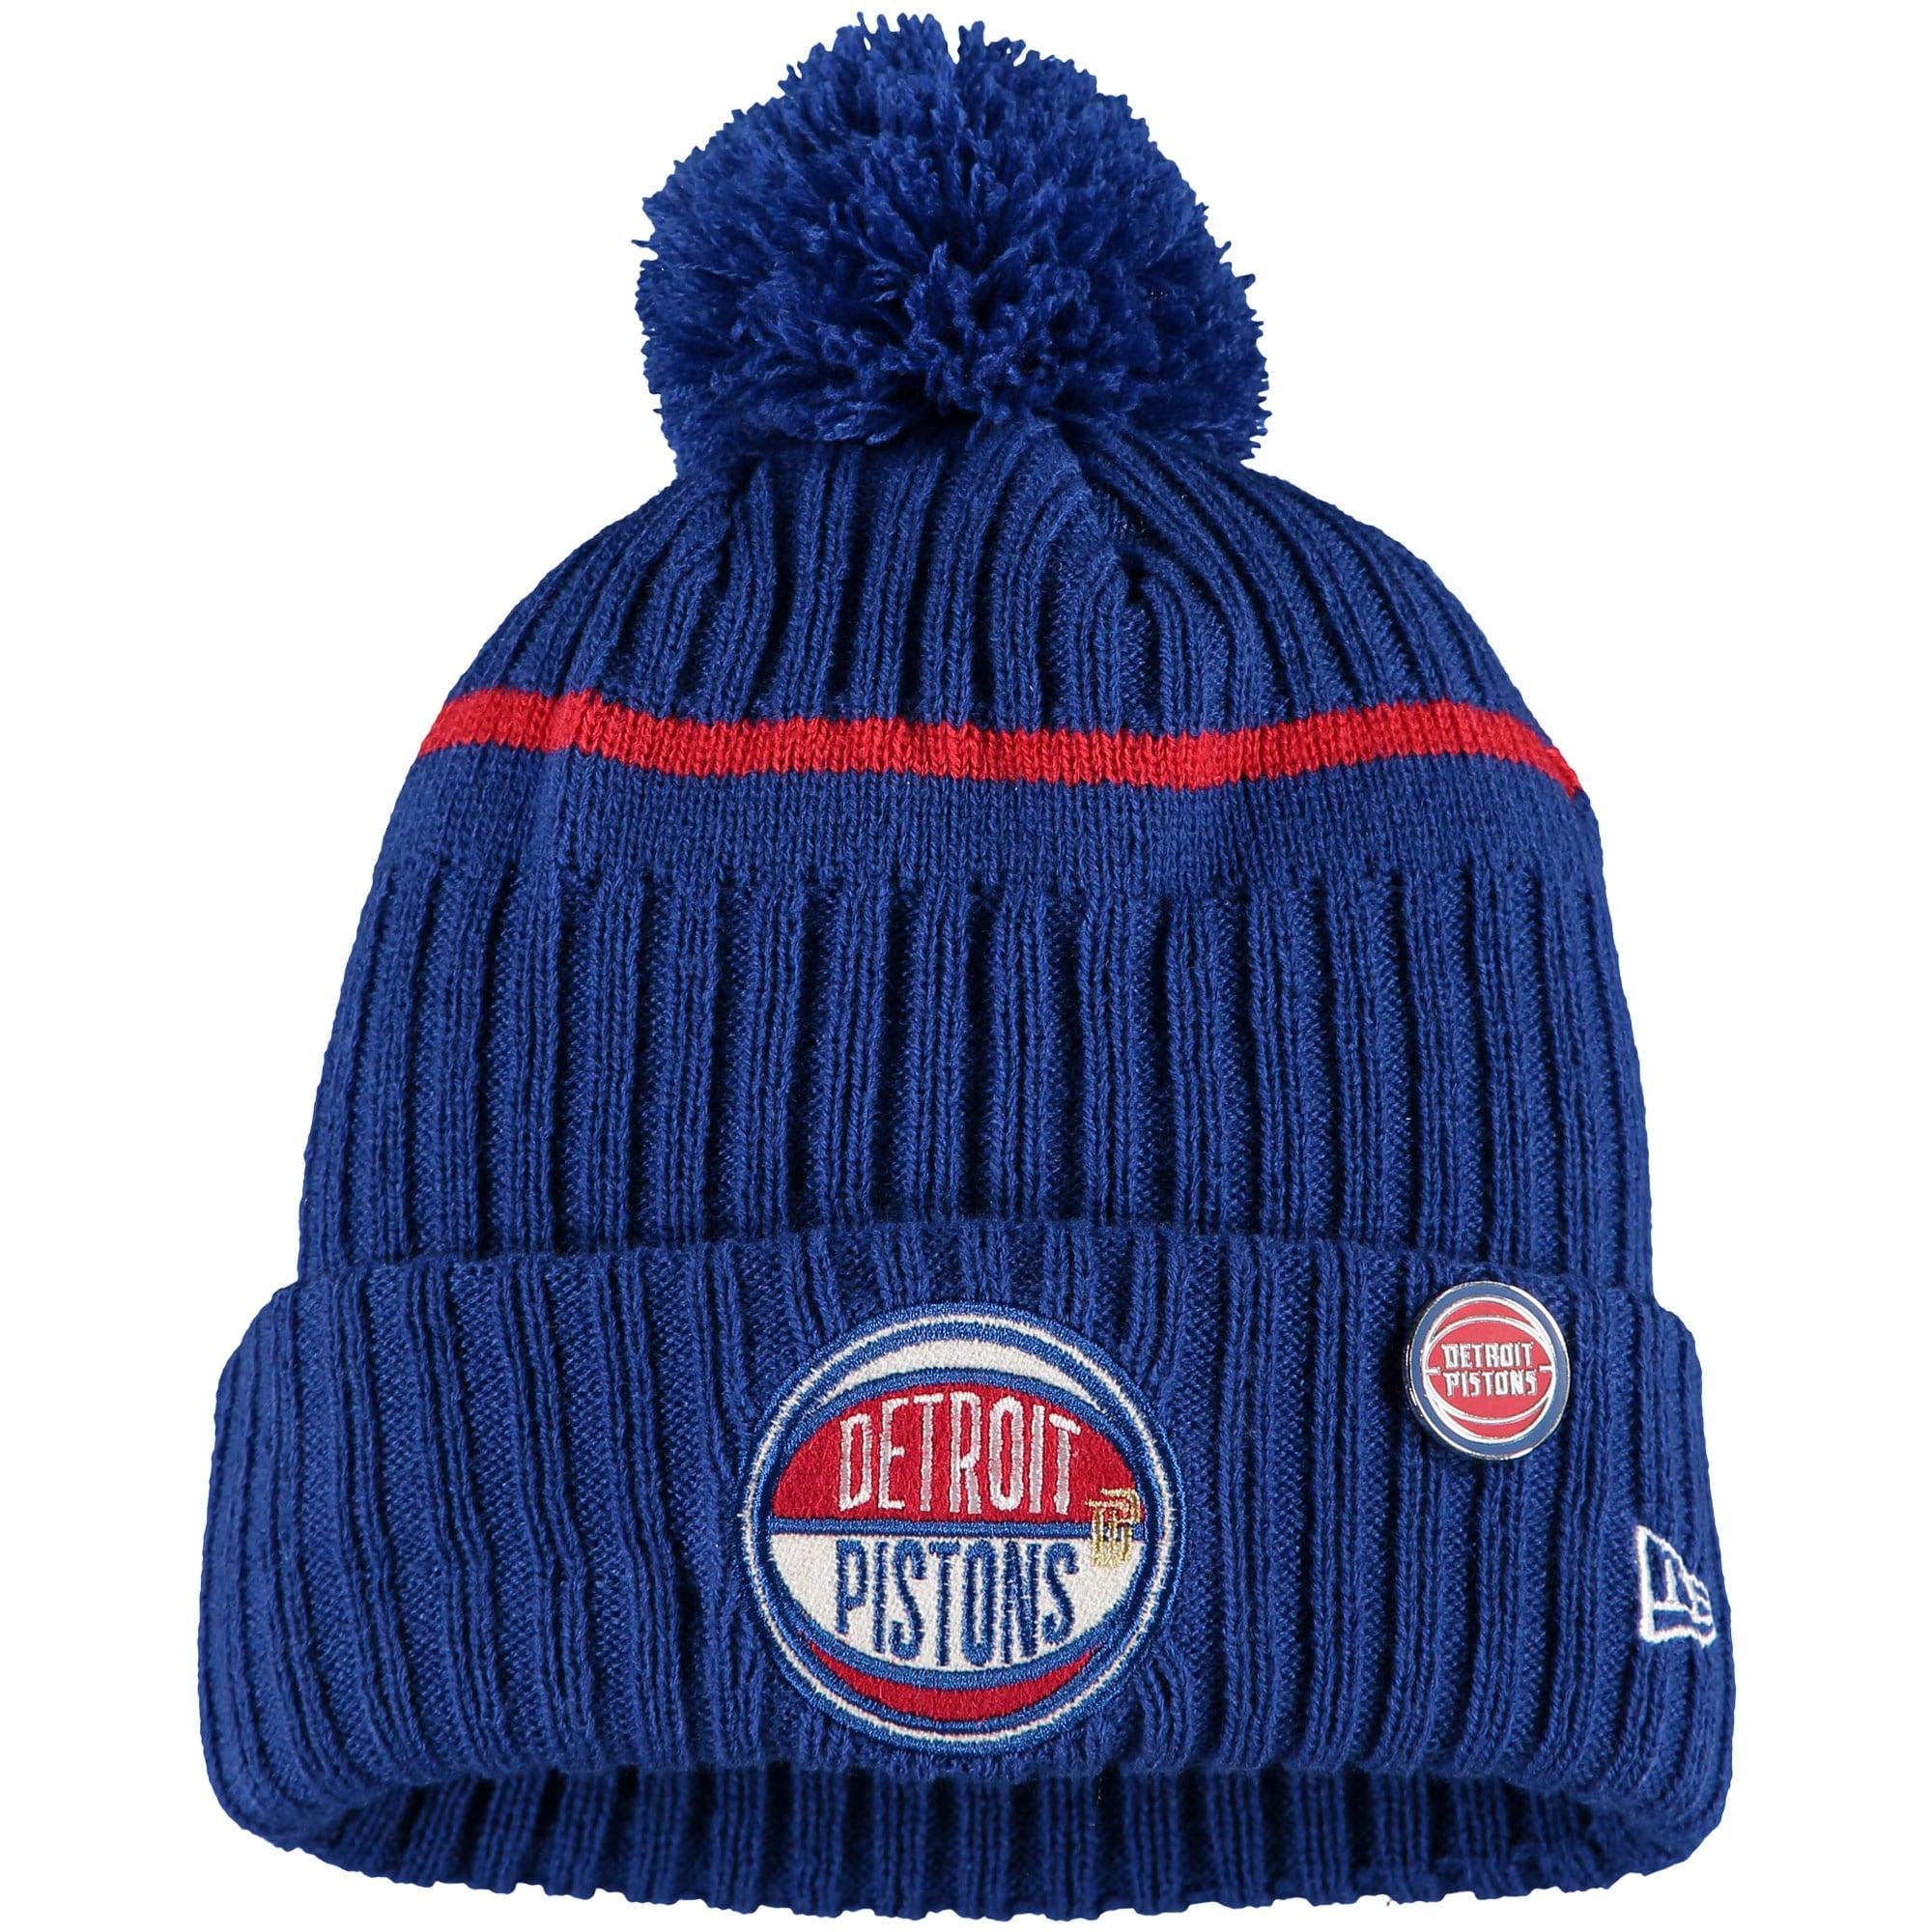 Detroit Pistons New Era Youth 2019 NBA Draft Cuffed Knit Hat - Blue